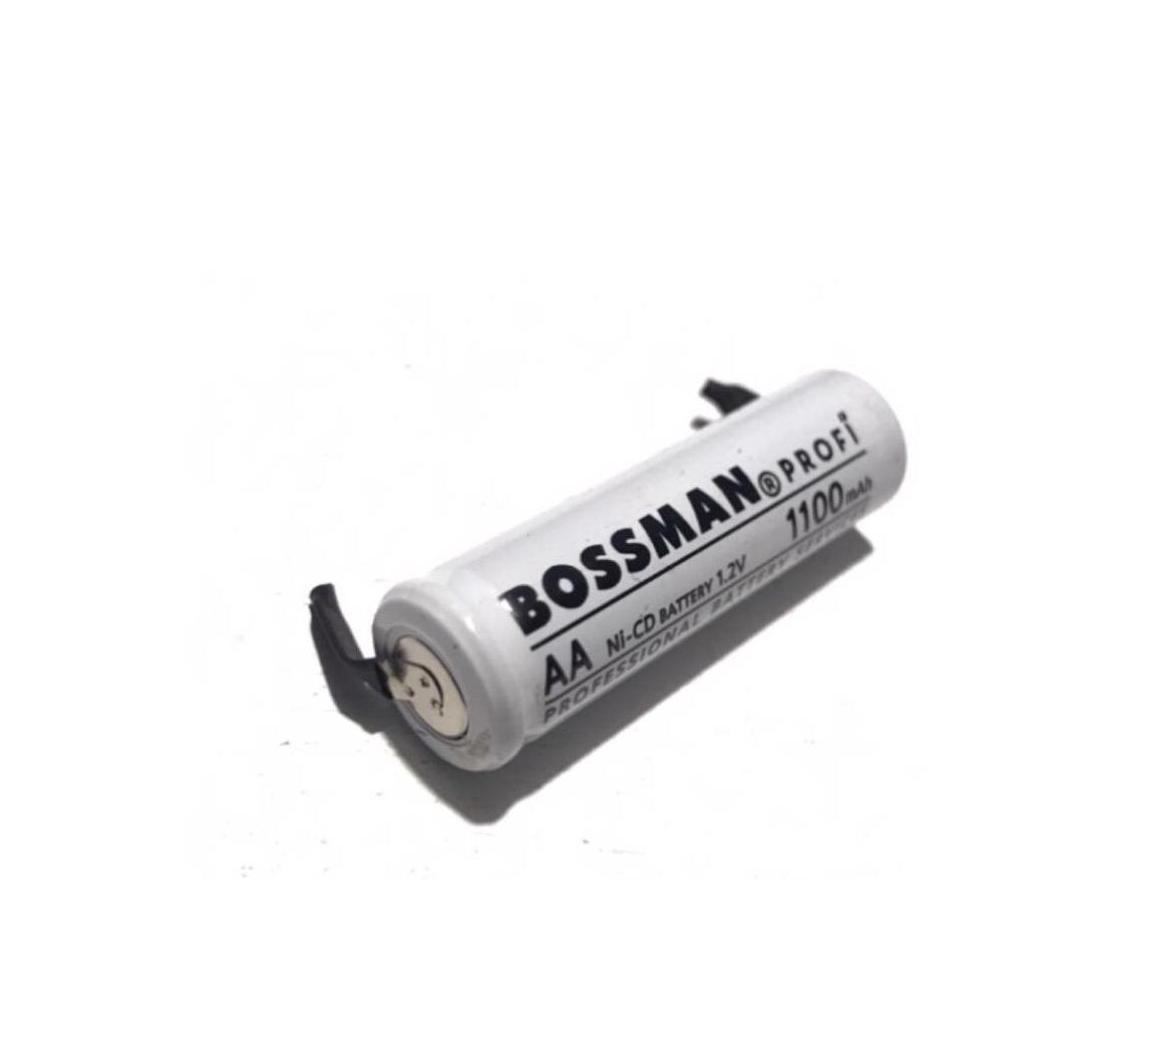 Акумулятор технічний Bossman-Profi AA/HR6 1,2 V 1100mAh (Ni-Cd) з контактами для пайки